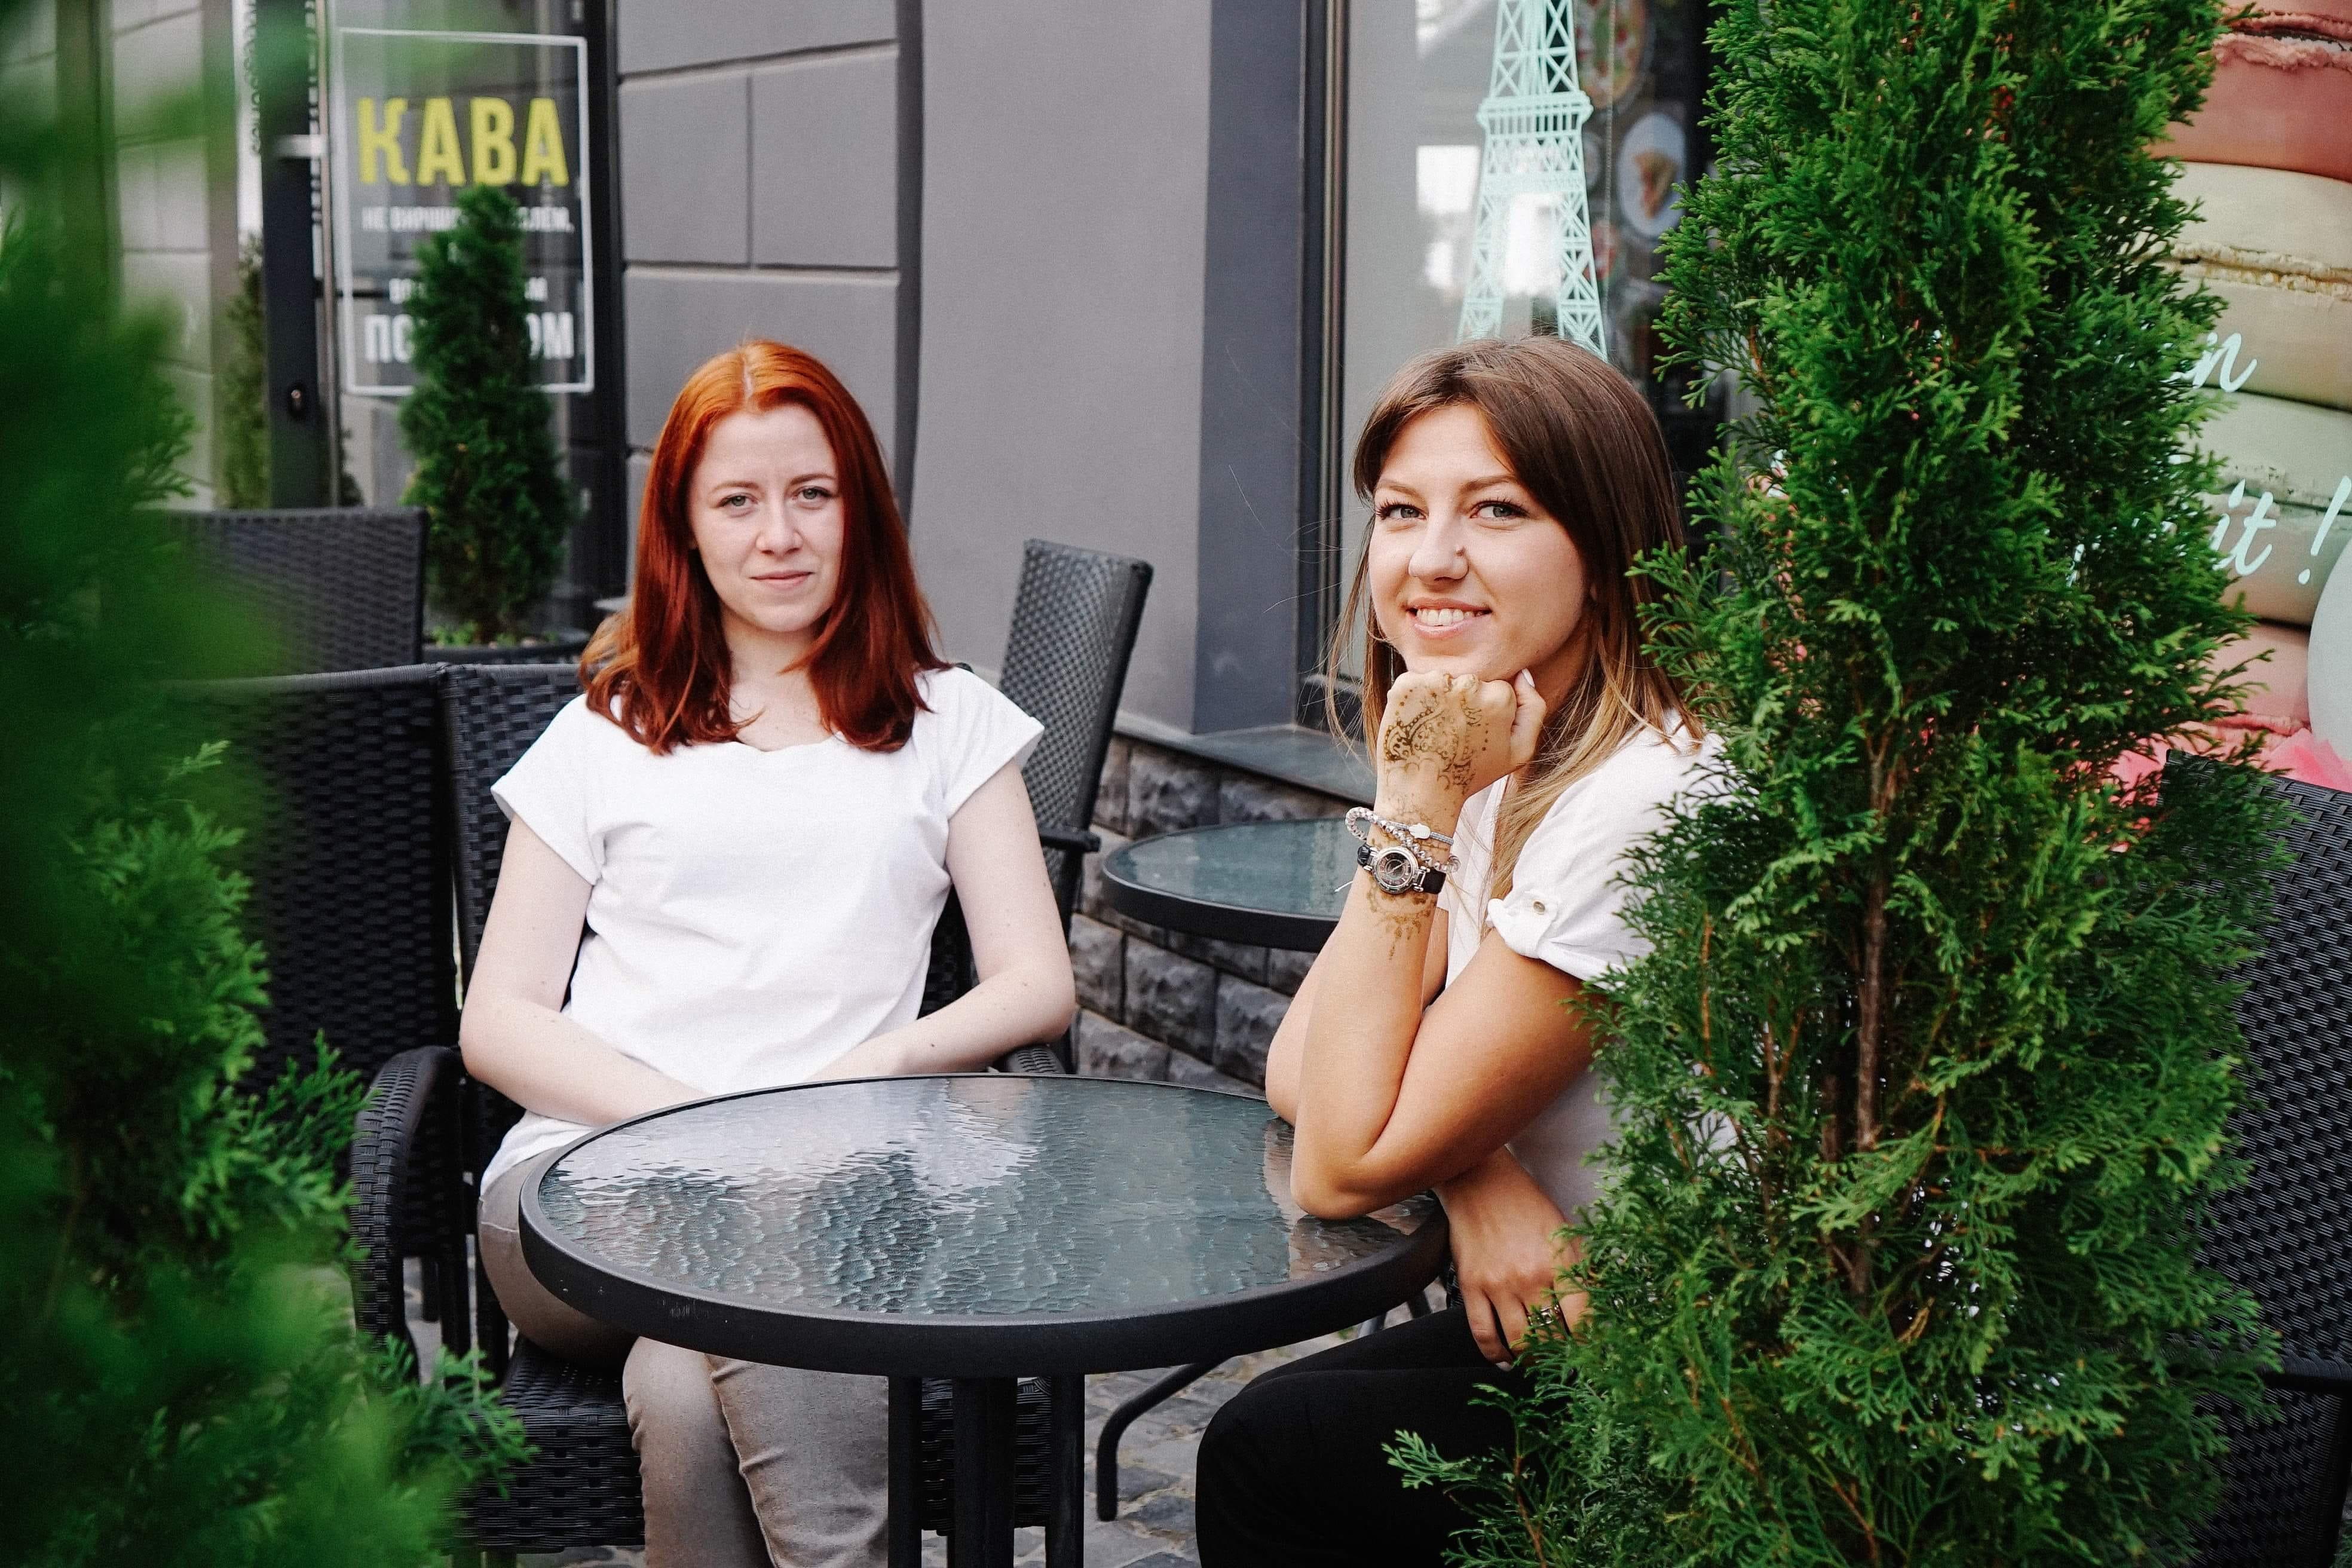 Що може дати бізнес-школа молодим людям?